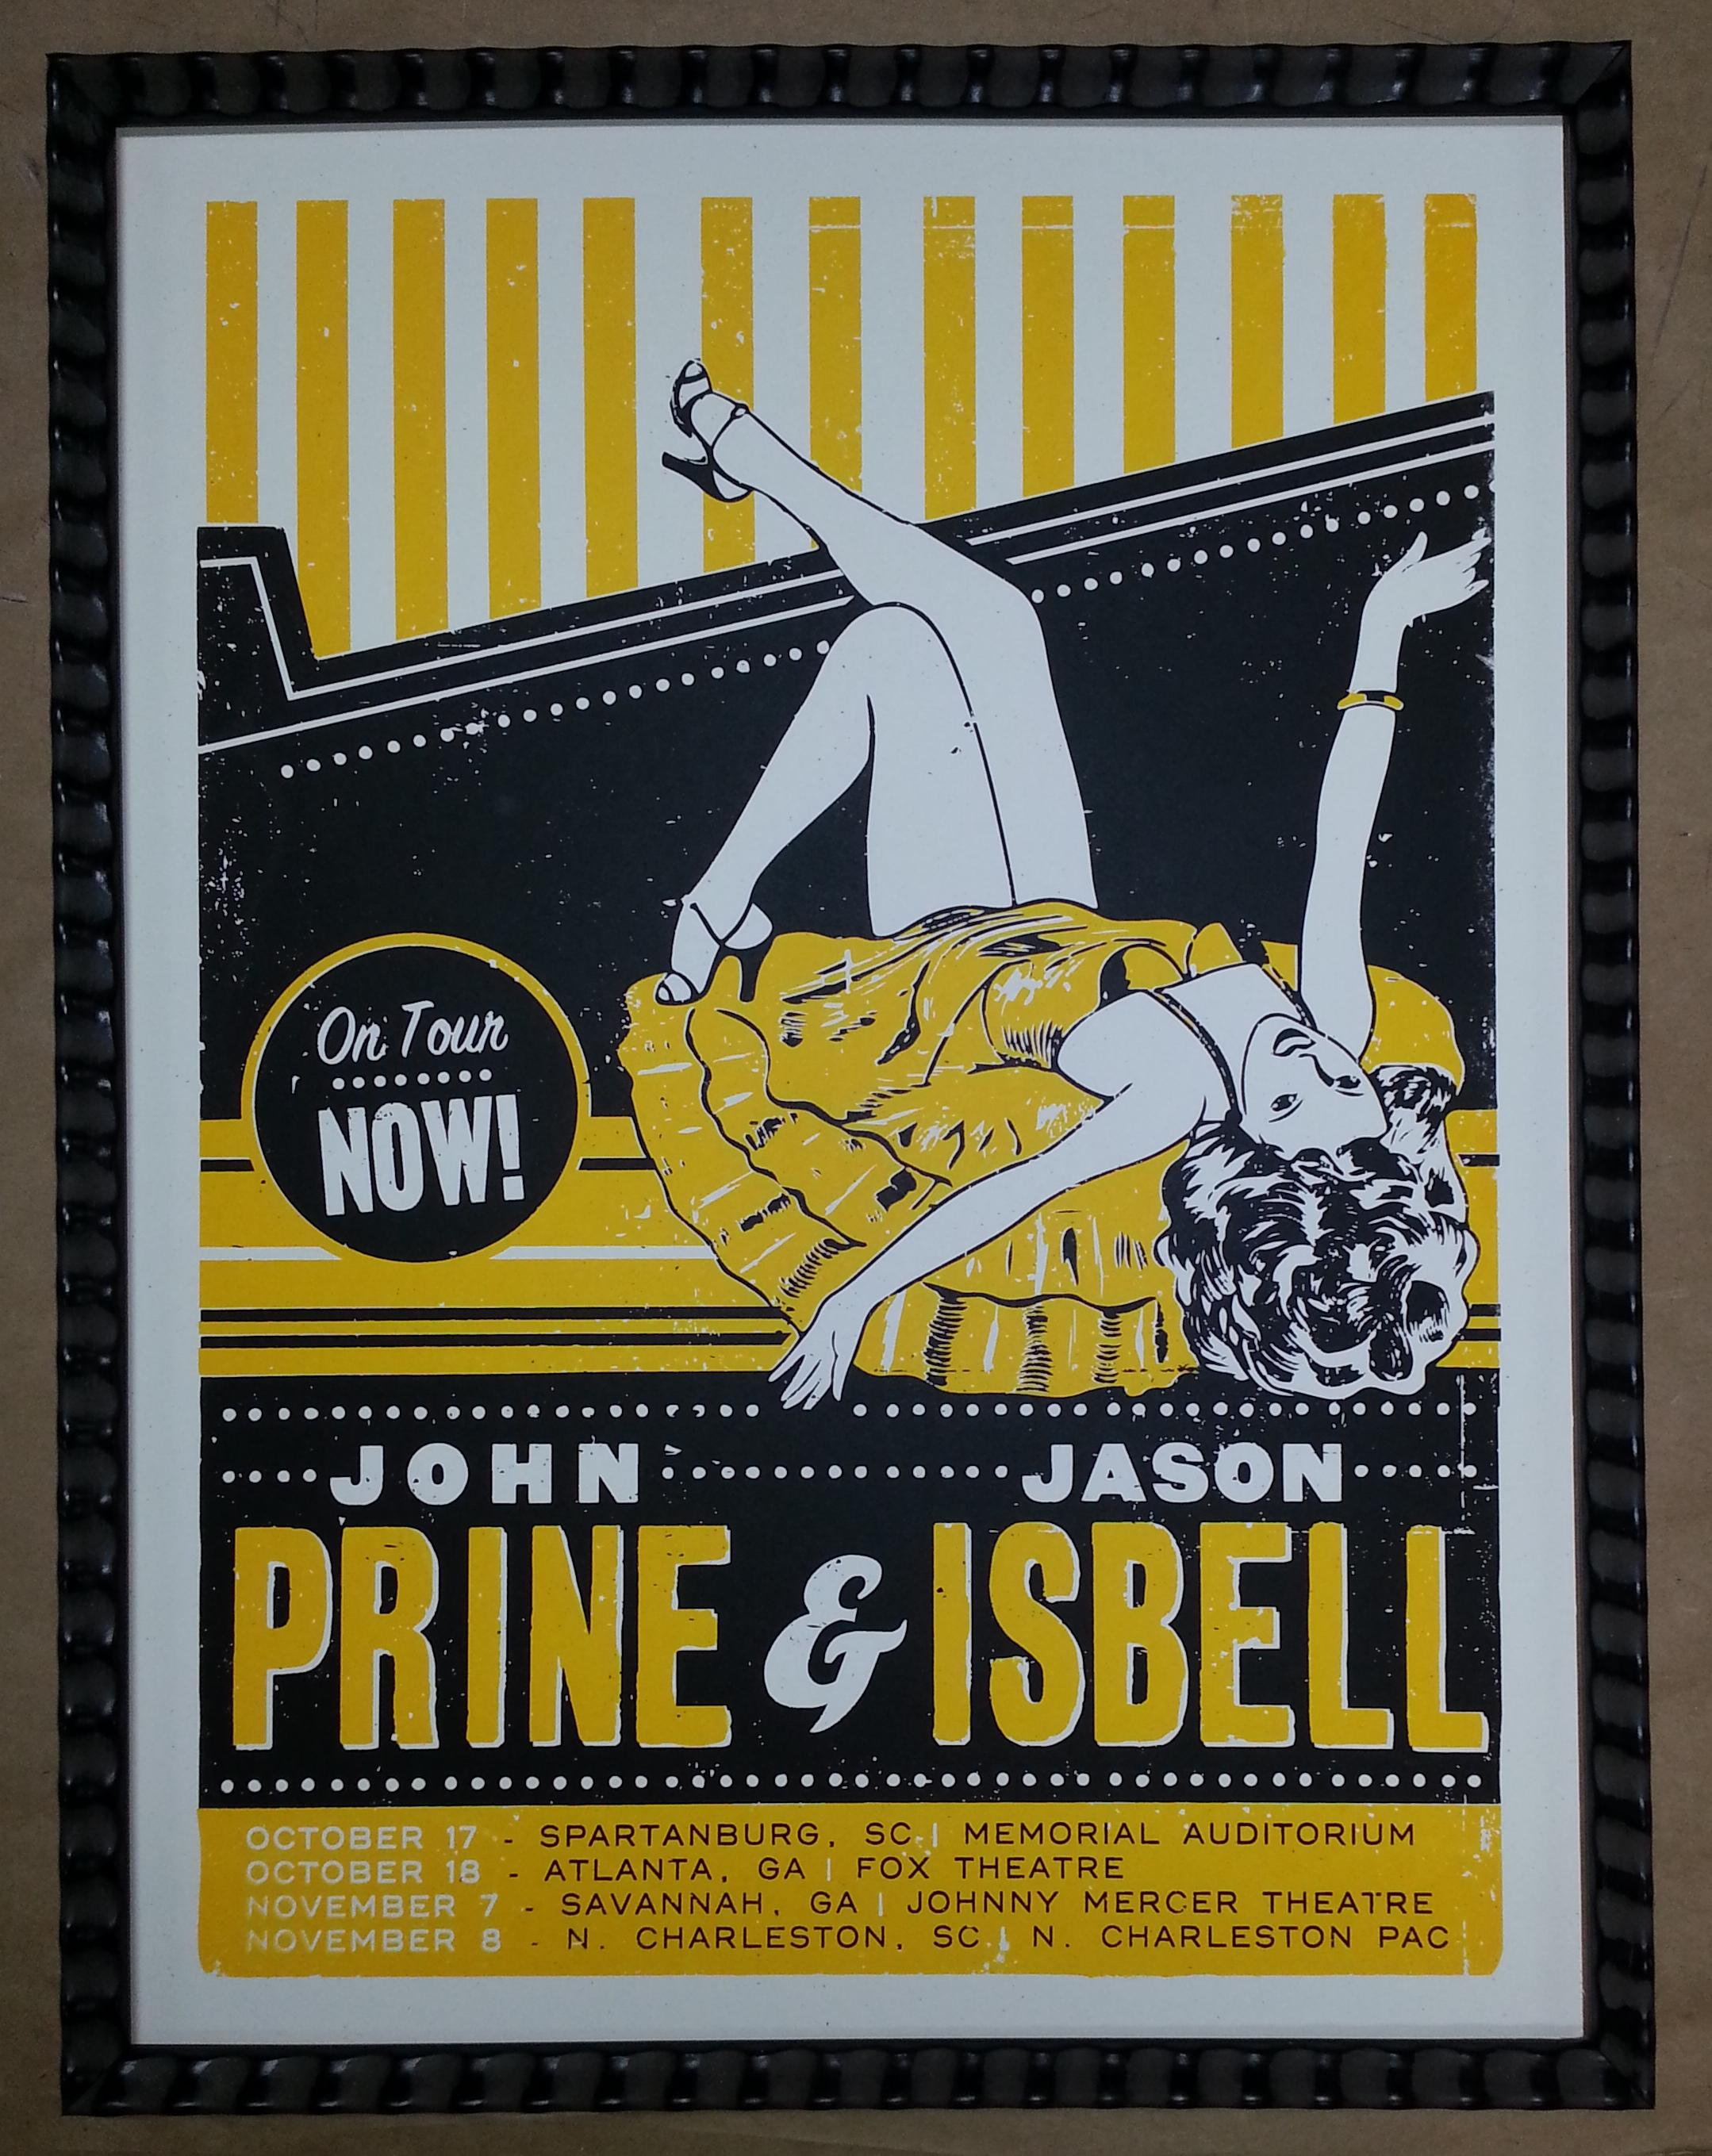 Frame John Prine Jason Isbell Concert Poster! – Columbia Frame Shop